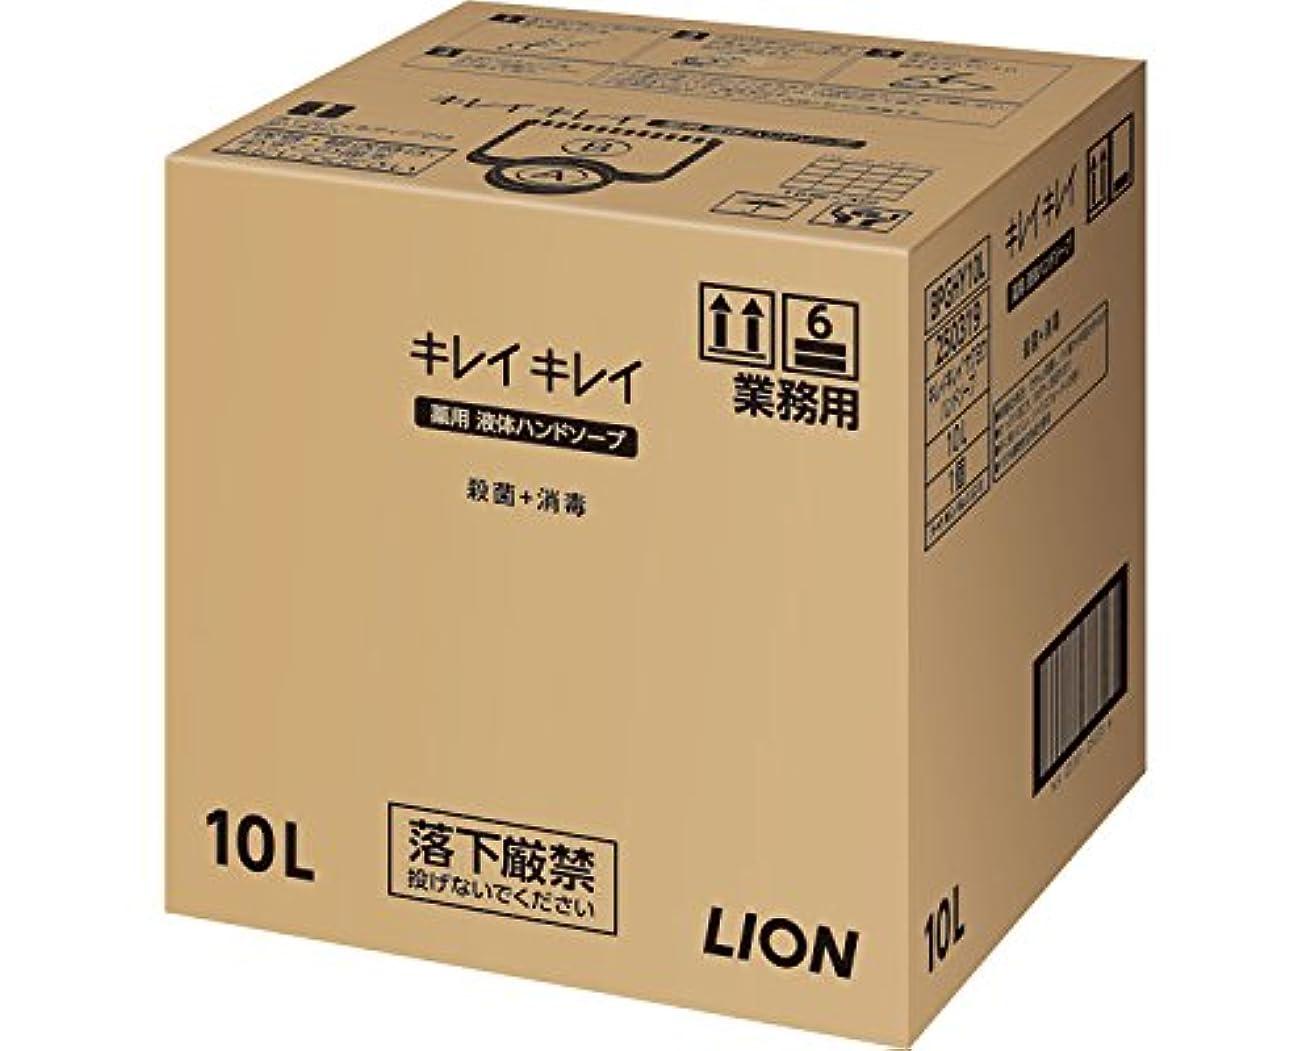 バスルームチチカカ湖冷酷なキレイキレイ薬用ハンドソープ 10L (ライオンハイジーン) (清拭小物)